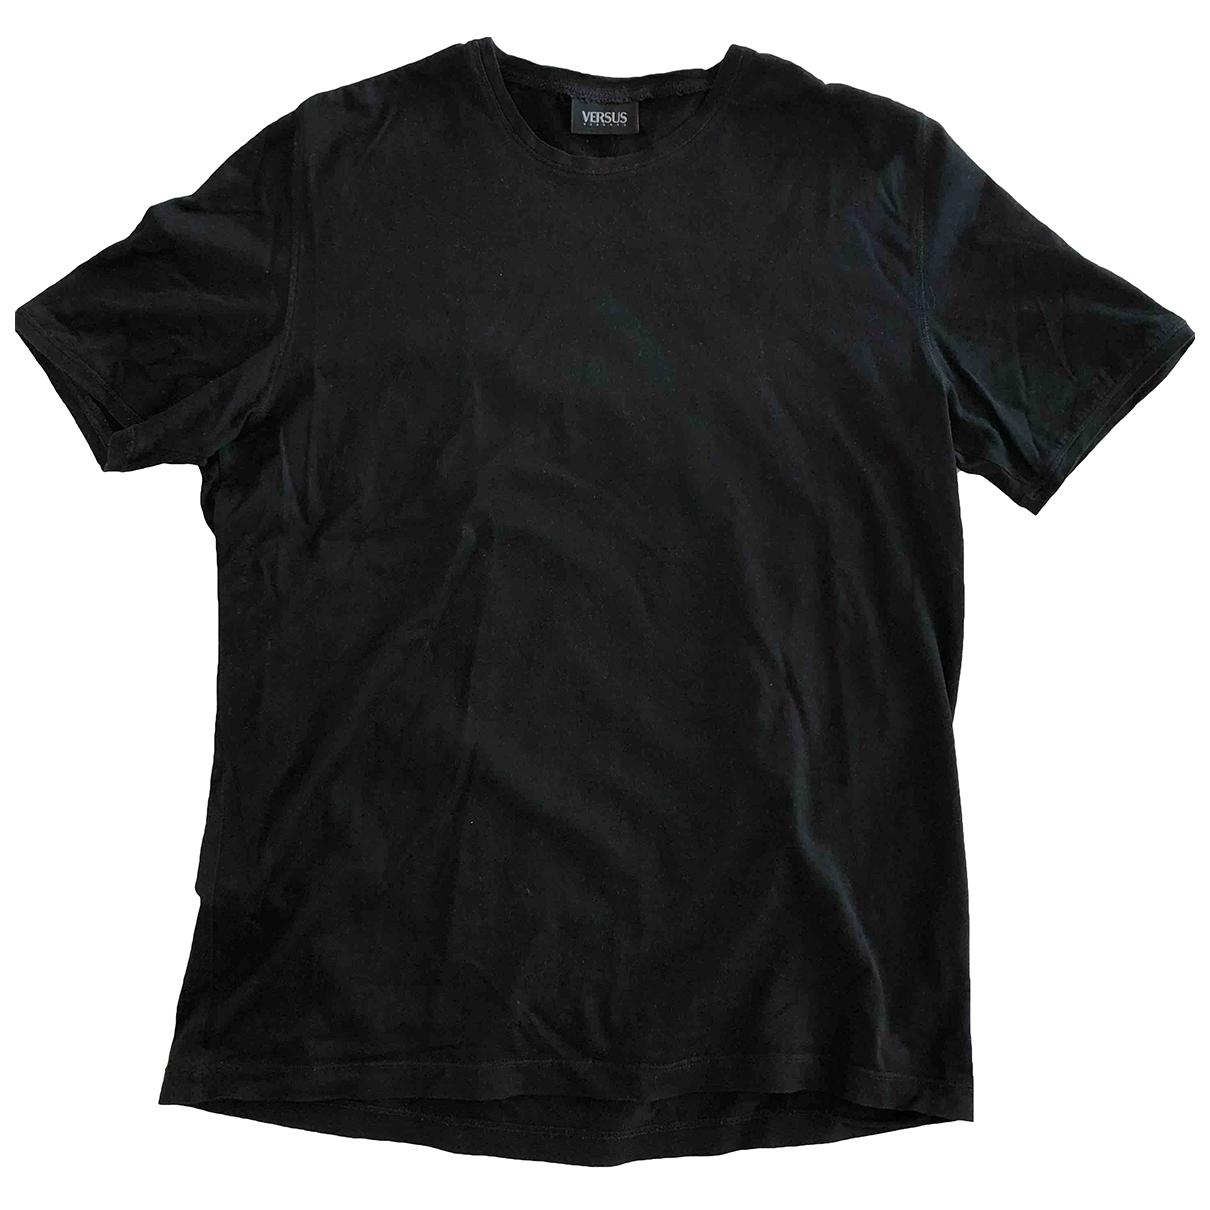 Versus - Tee shirts   pour homme en coton - noir